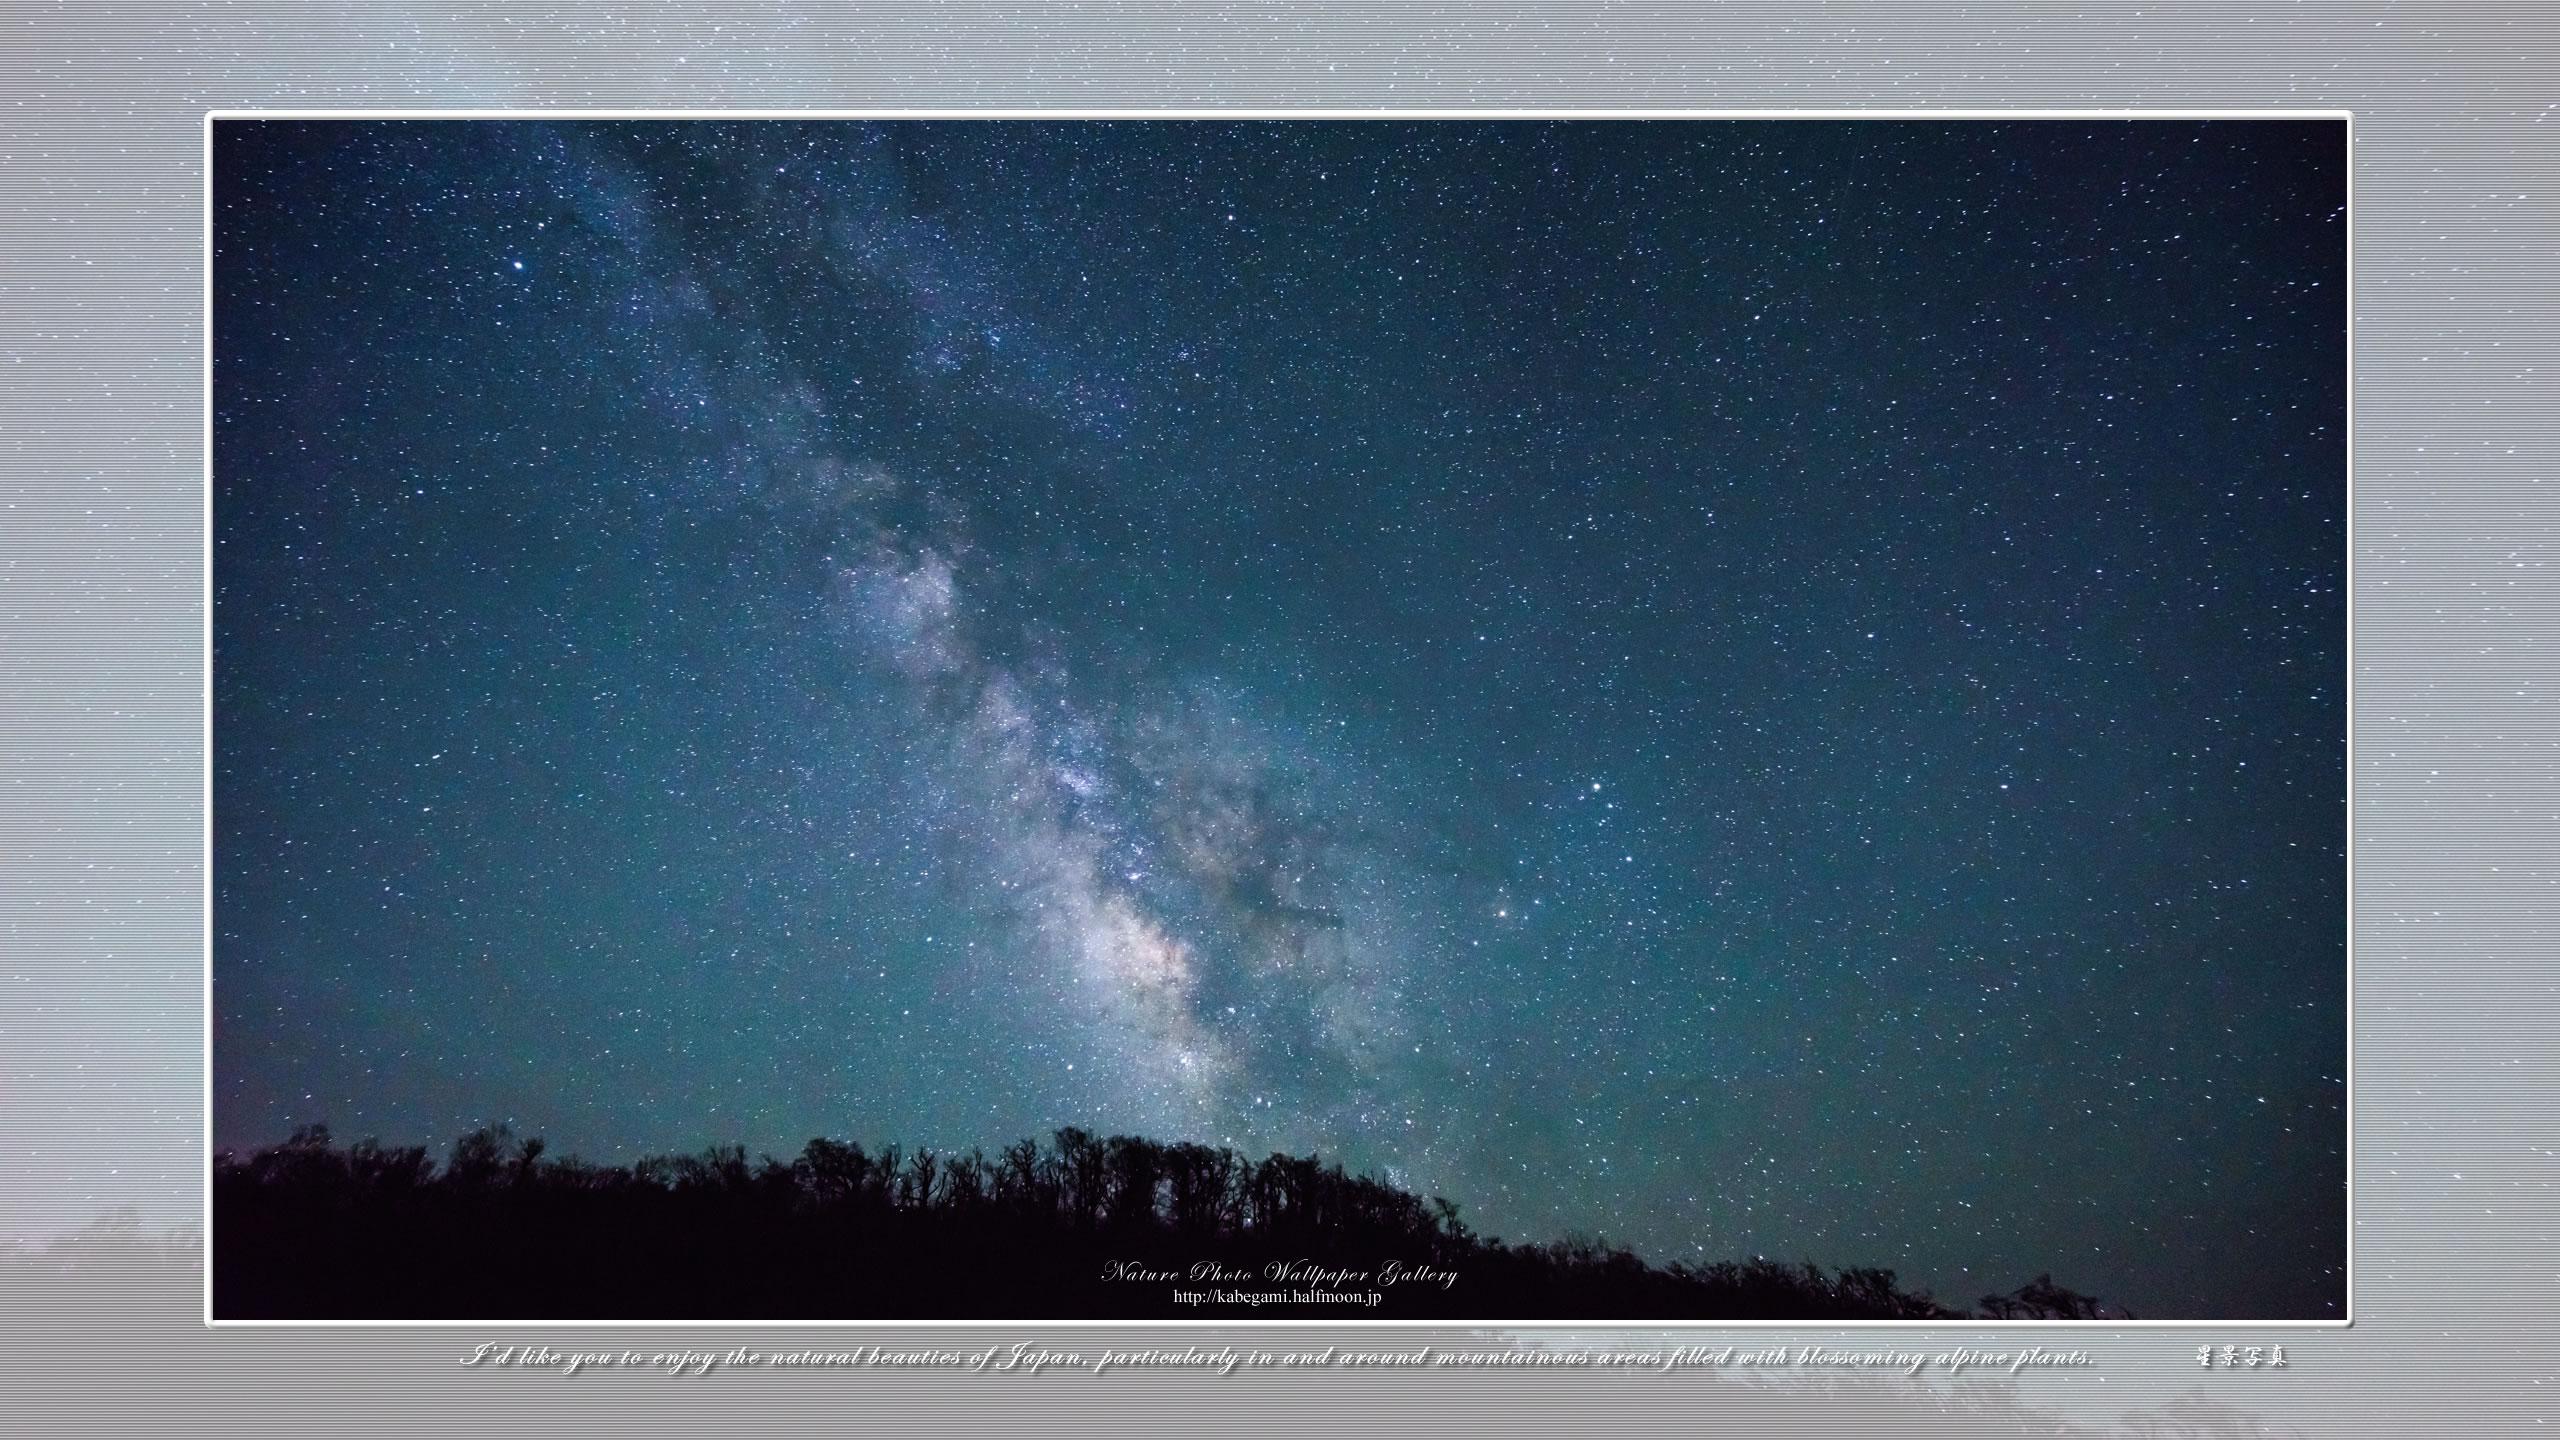 星景写真の高画質壁紙集 天の川 ネイチャーフォト壁紙館